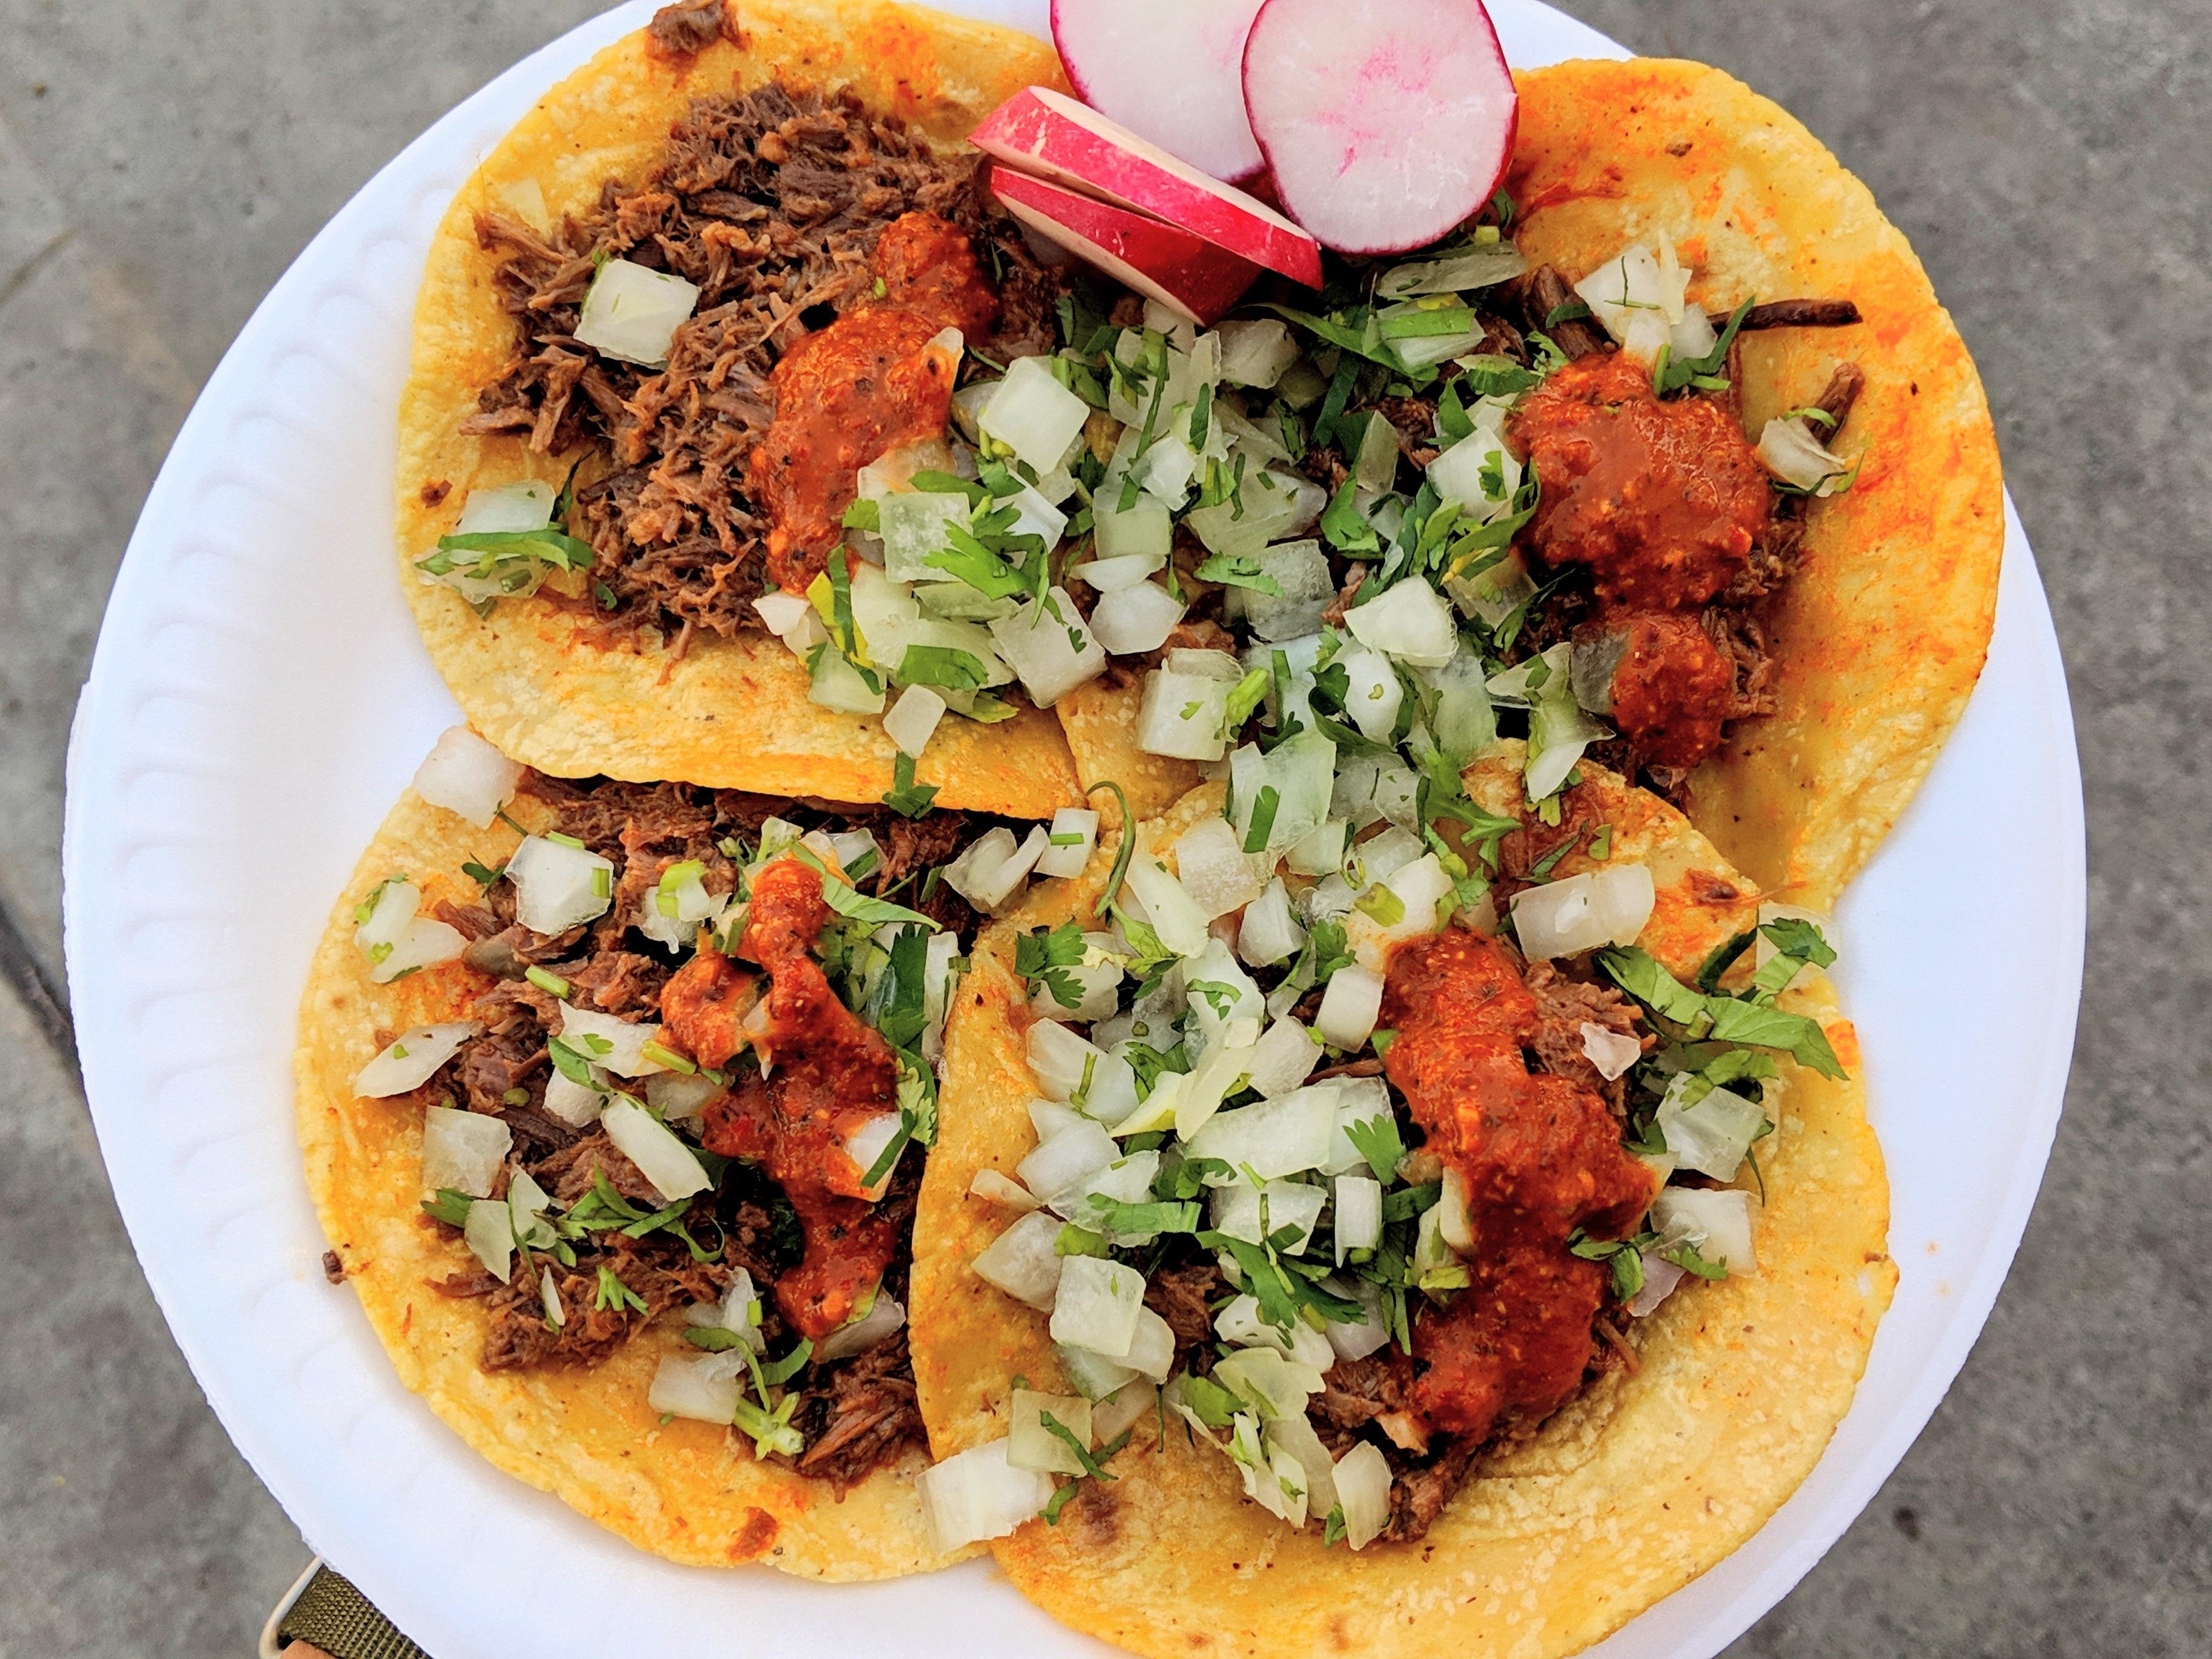 Birria de res tacos from La Unica